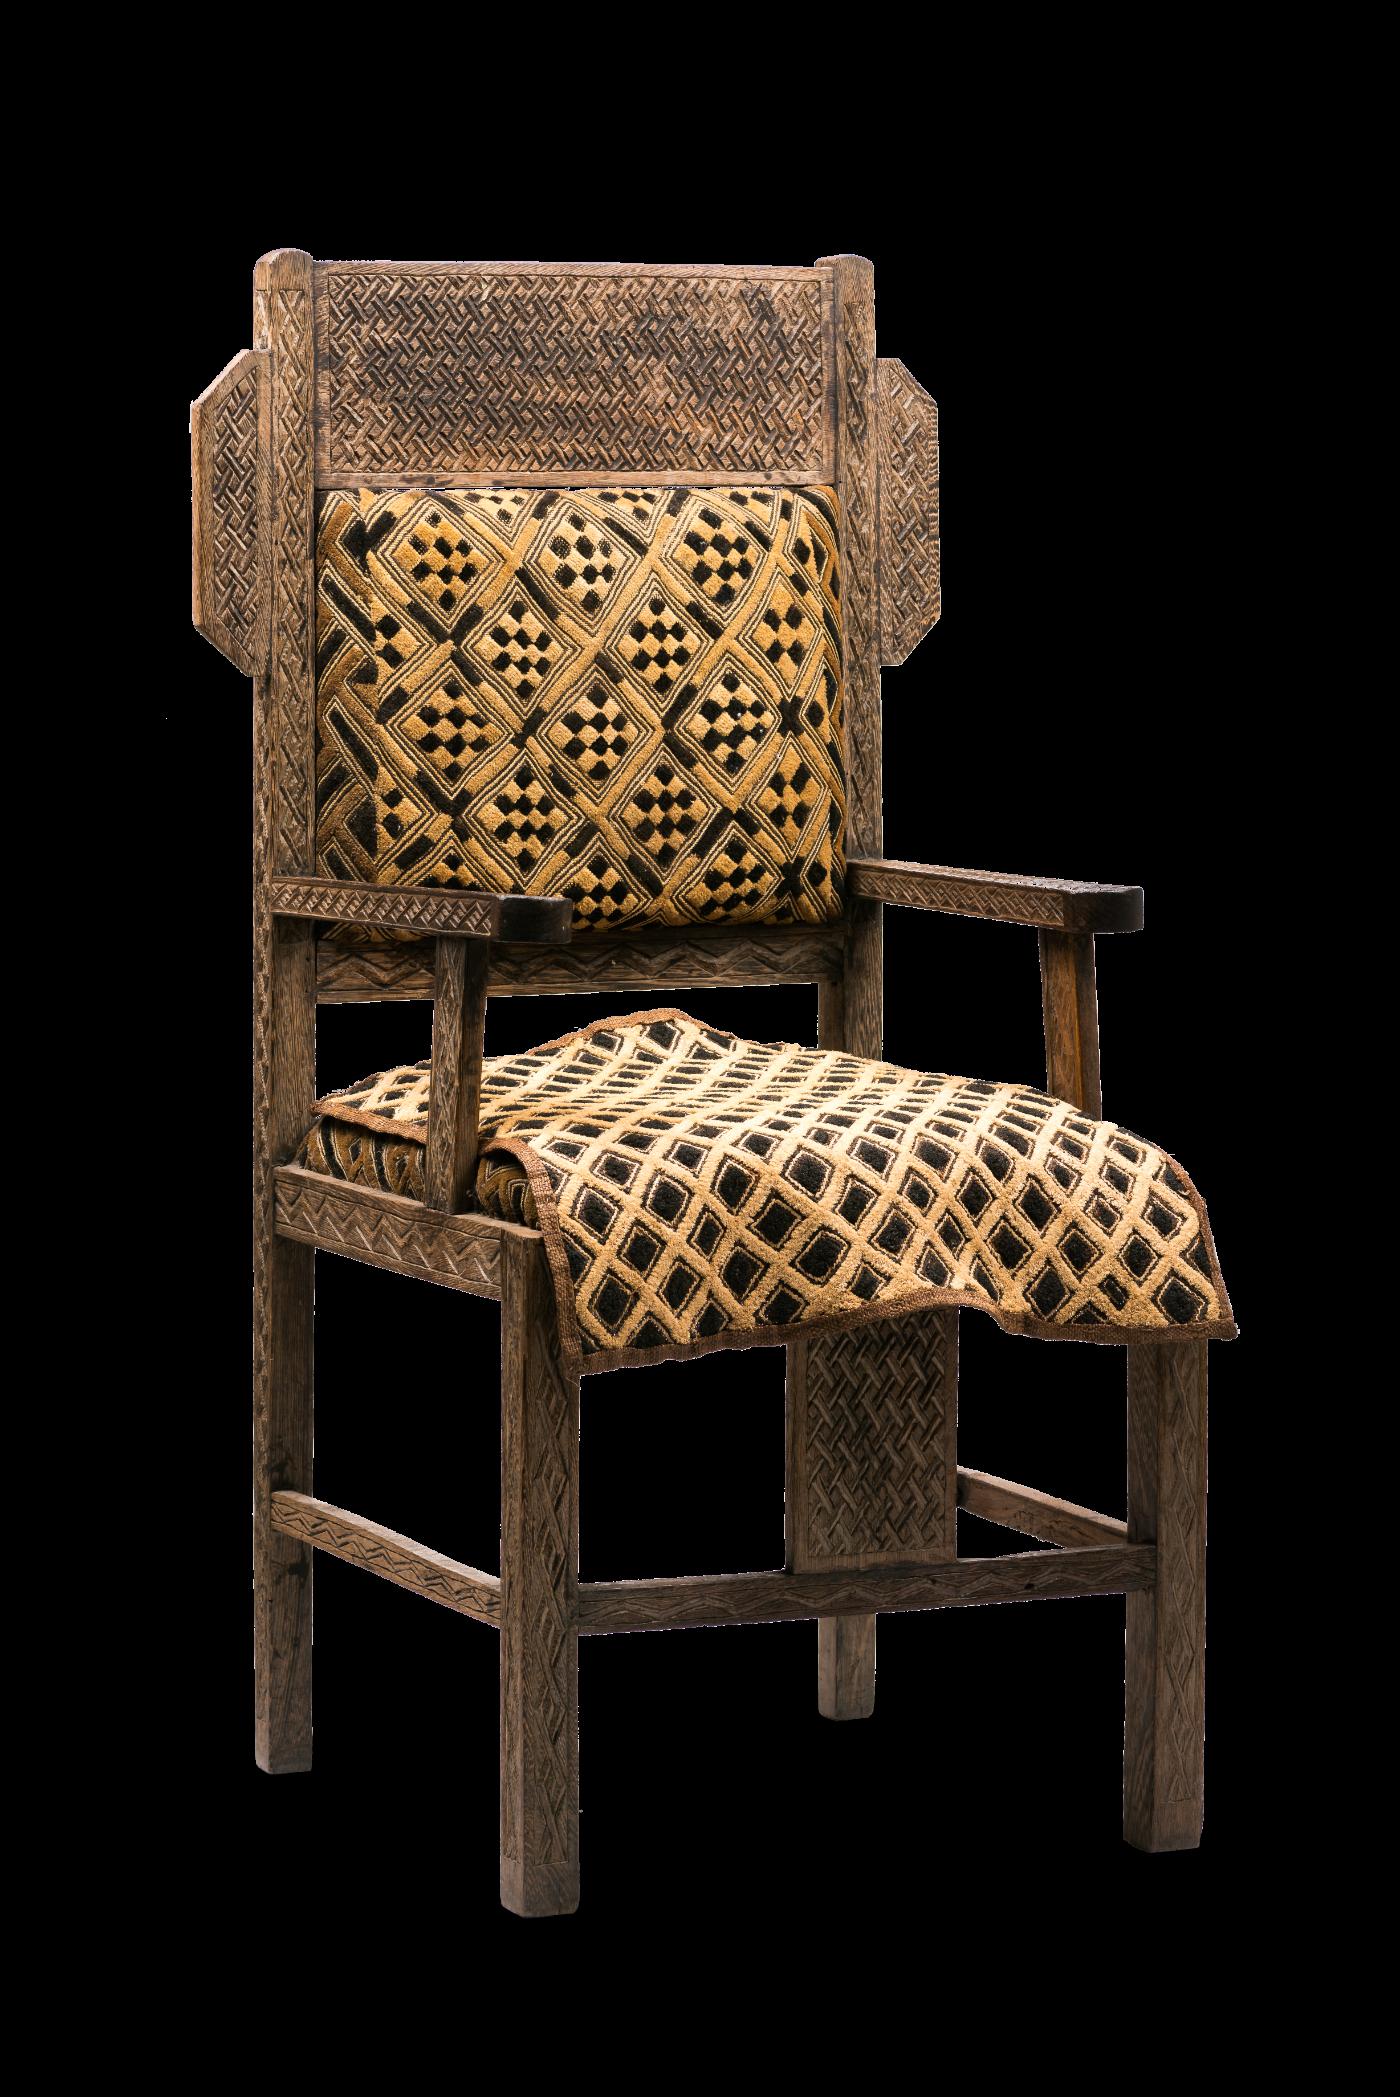 Kuba Chair, D.R. Congo